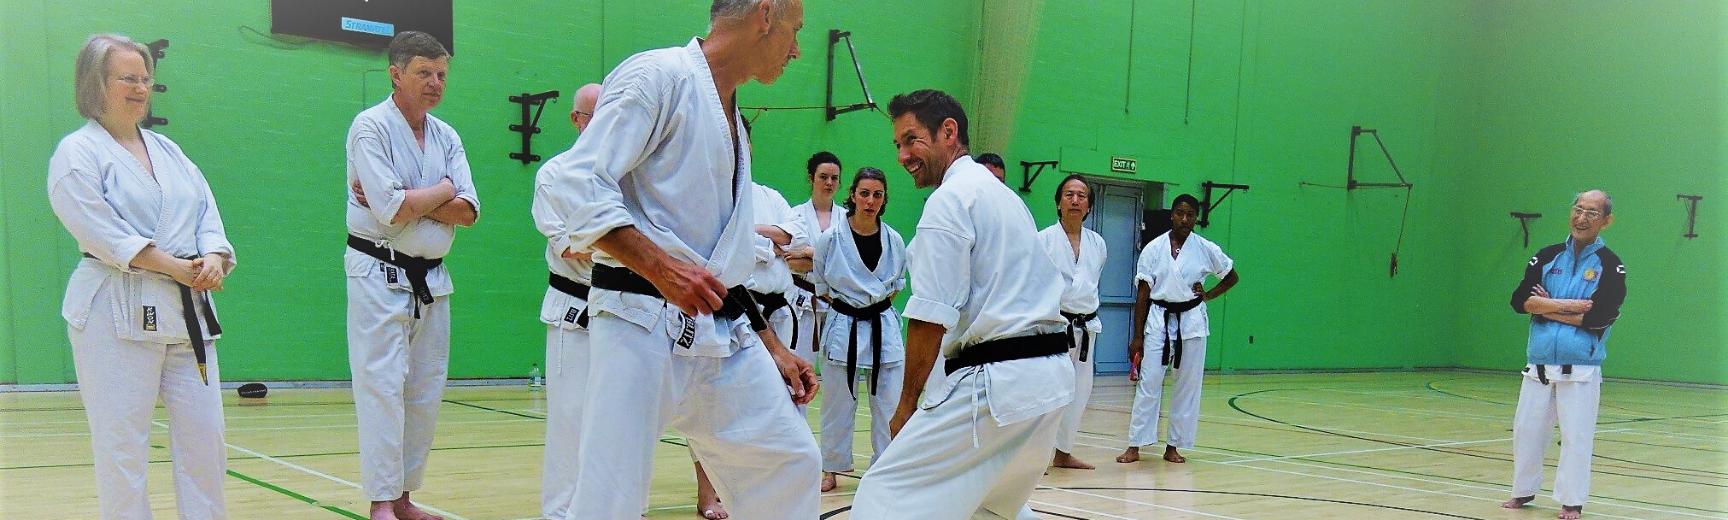 Karate Do Shotokai session taking place